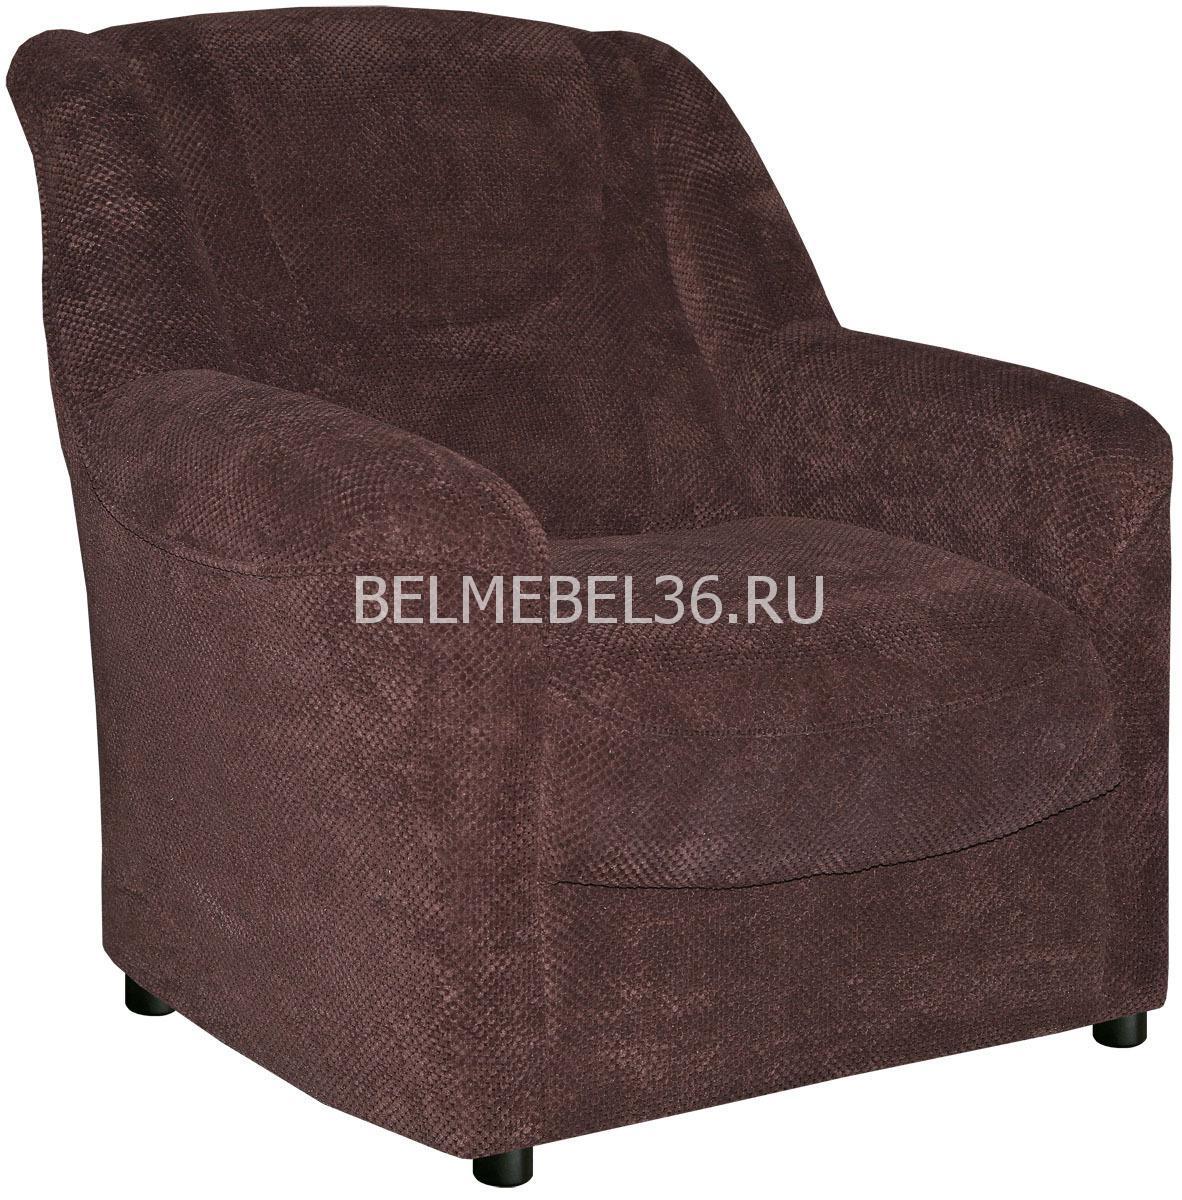 Марта (12)   Белорусская мебель в Воронеже